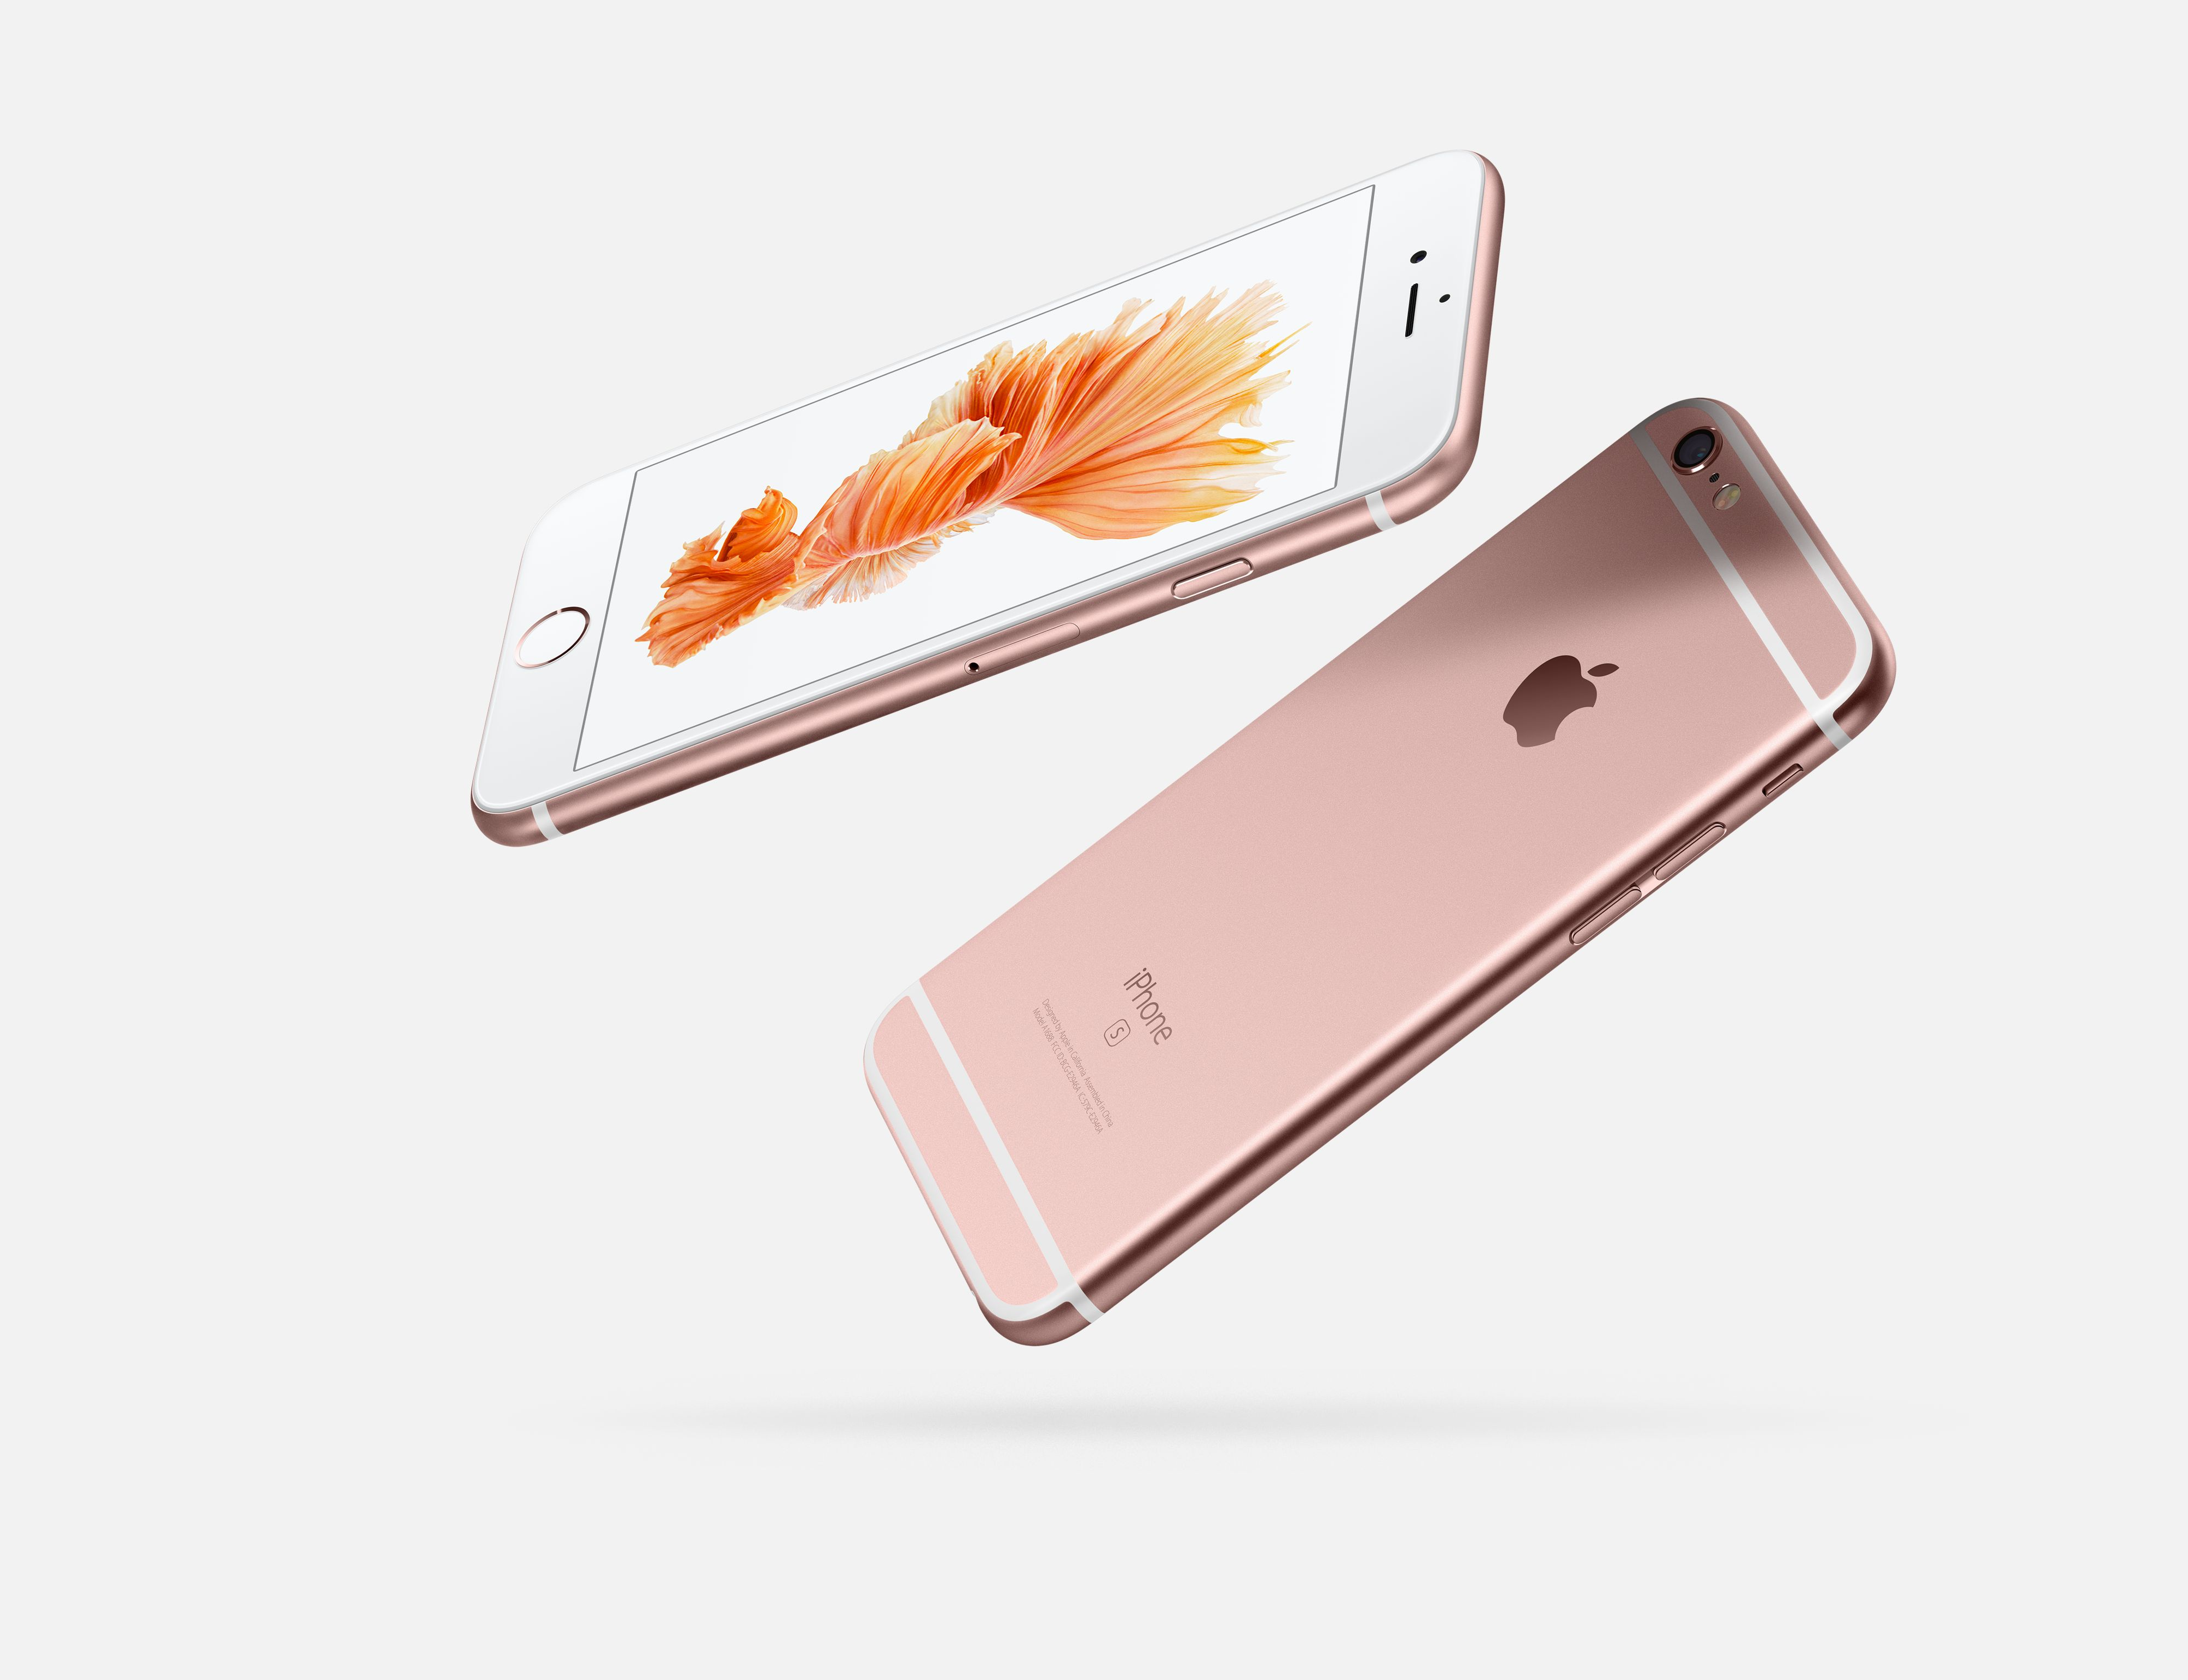 L'iPhone 6s pour qui ?